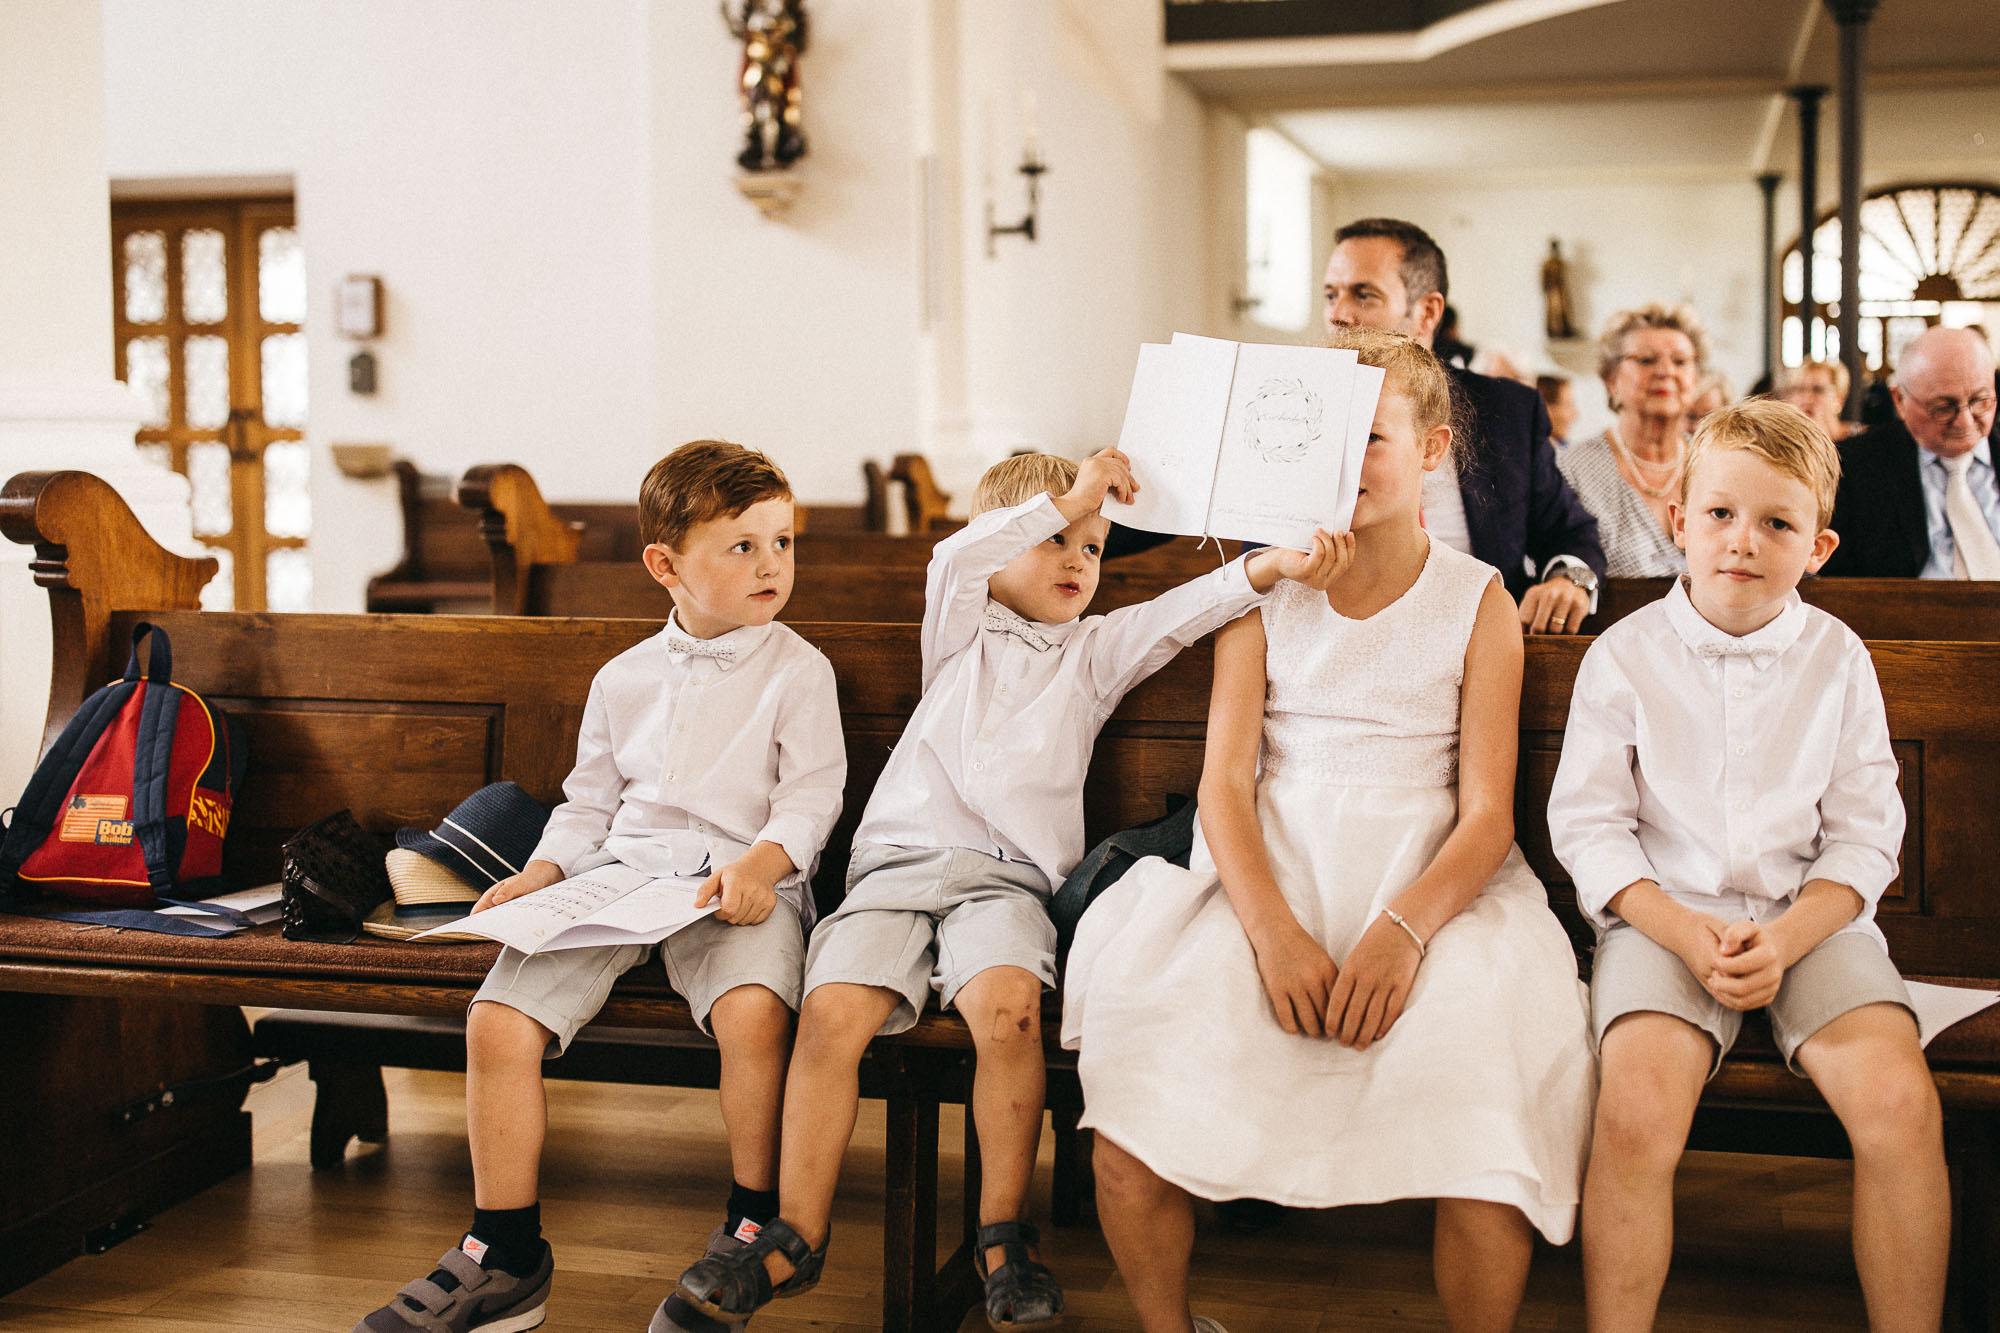 raissa simon photography wedding mosel kloster machern love authentic 086 - Kathrin + Dominik